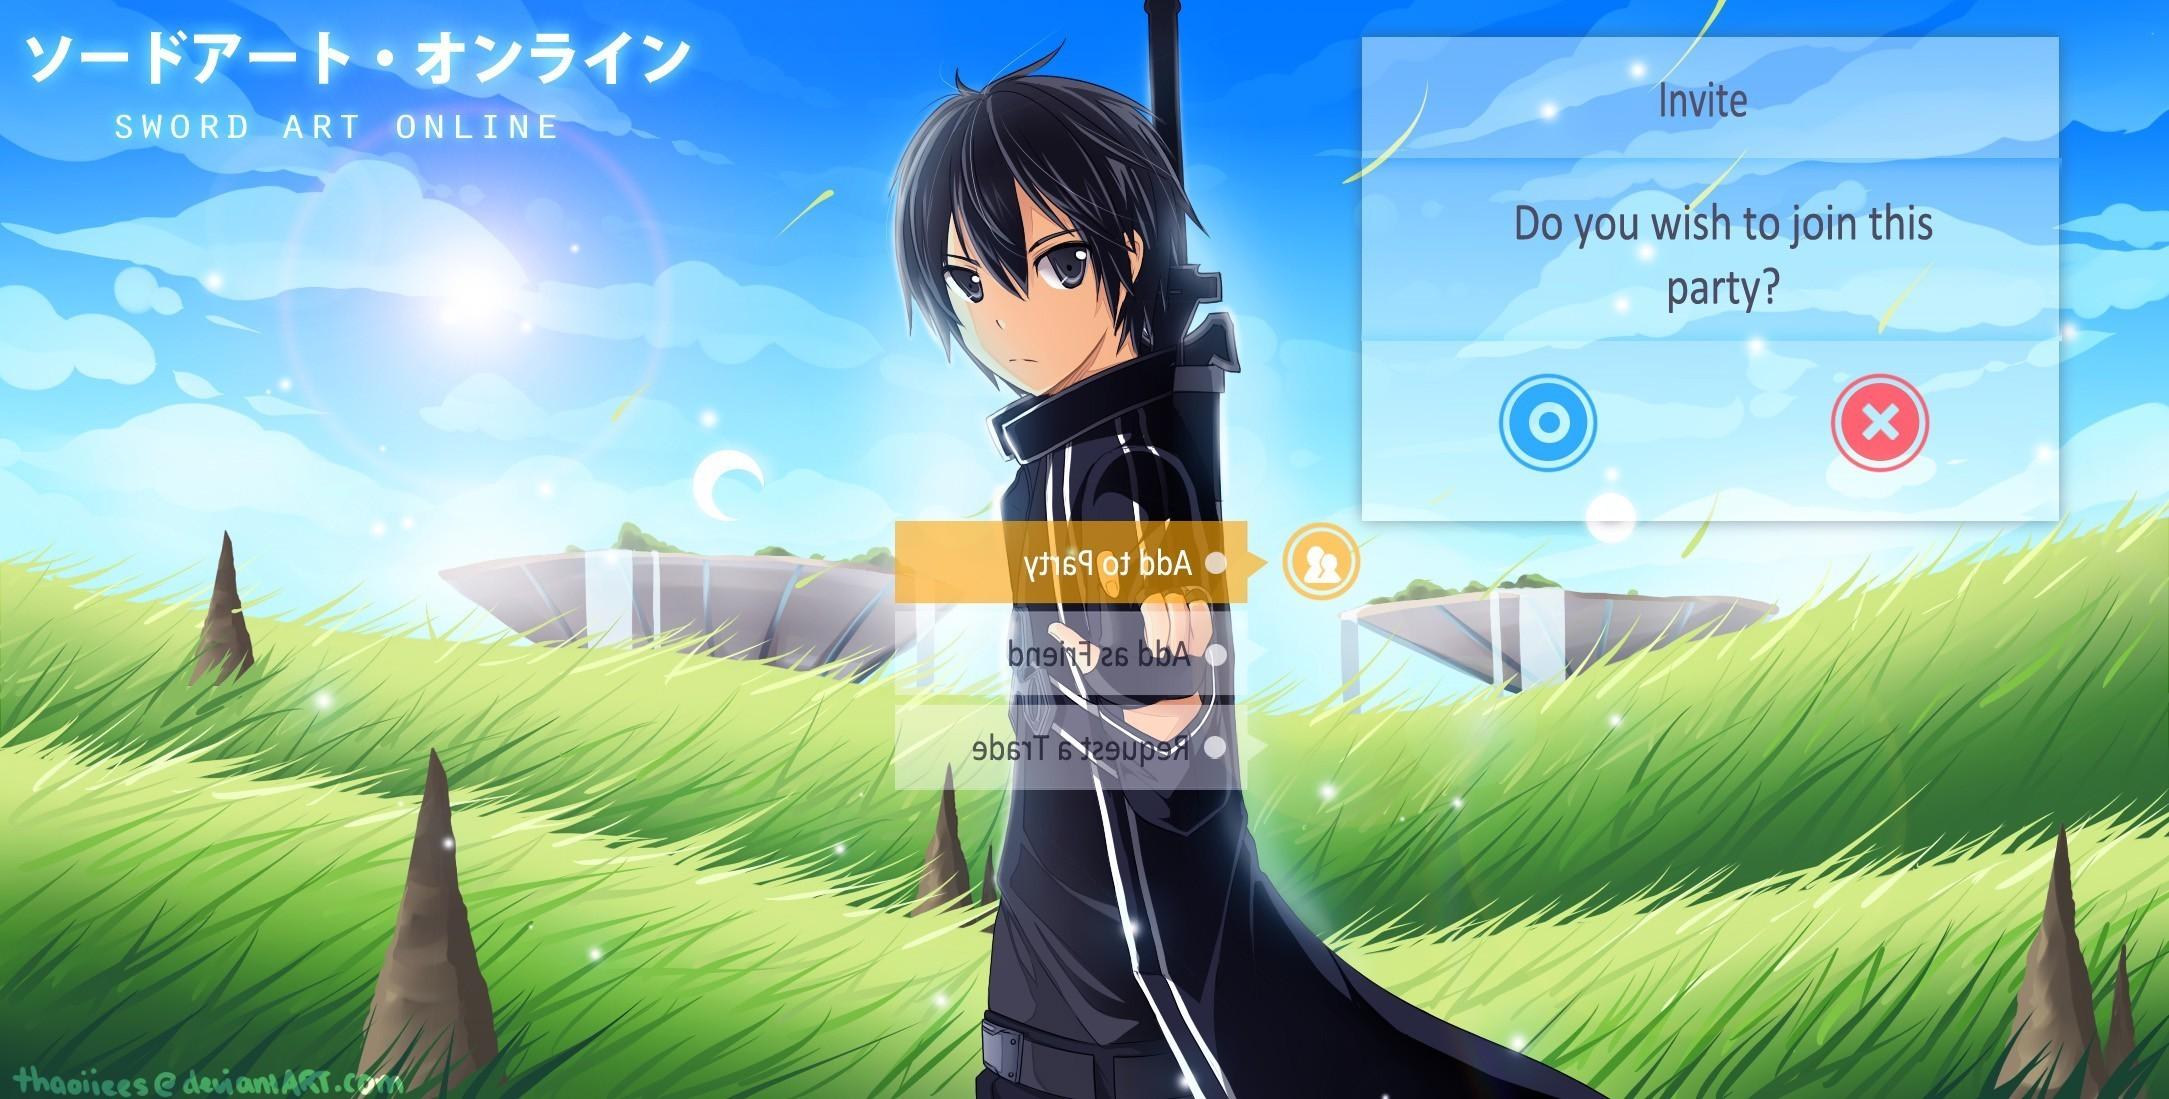 Sword art online wallpaper hd 80 images - Anime mobile wallpaper ...